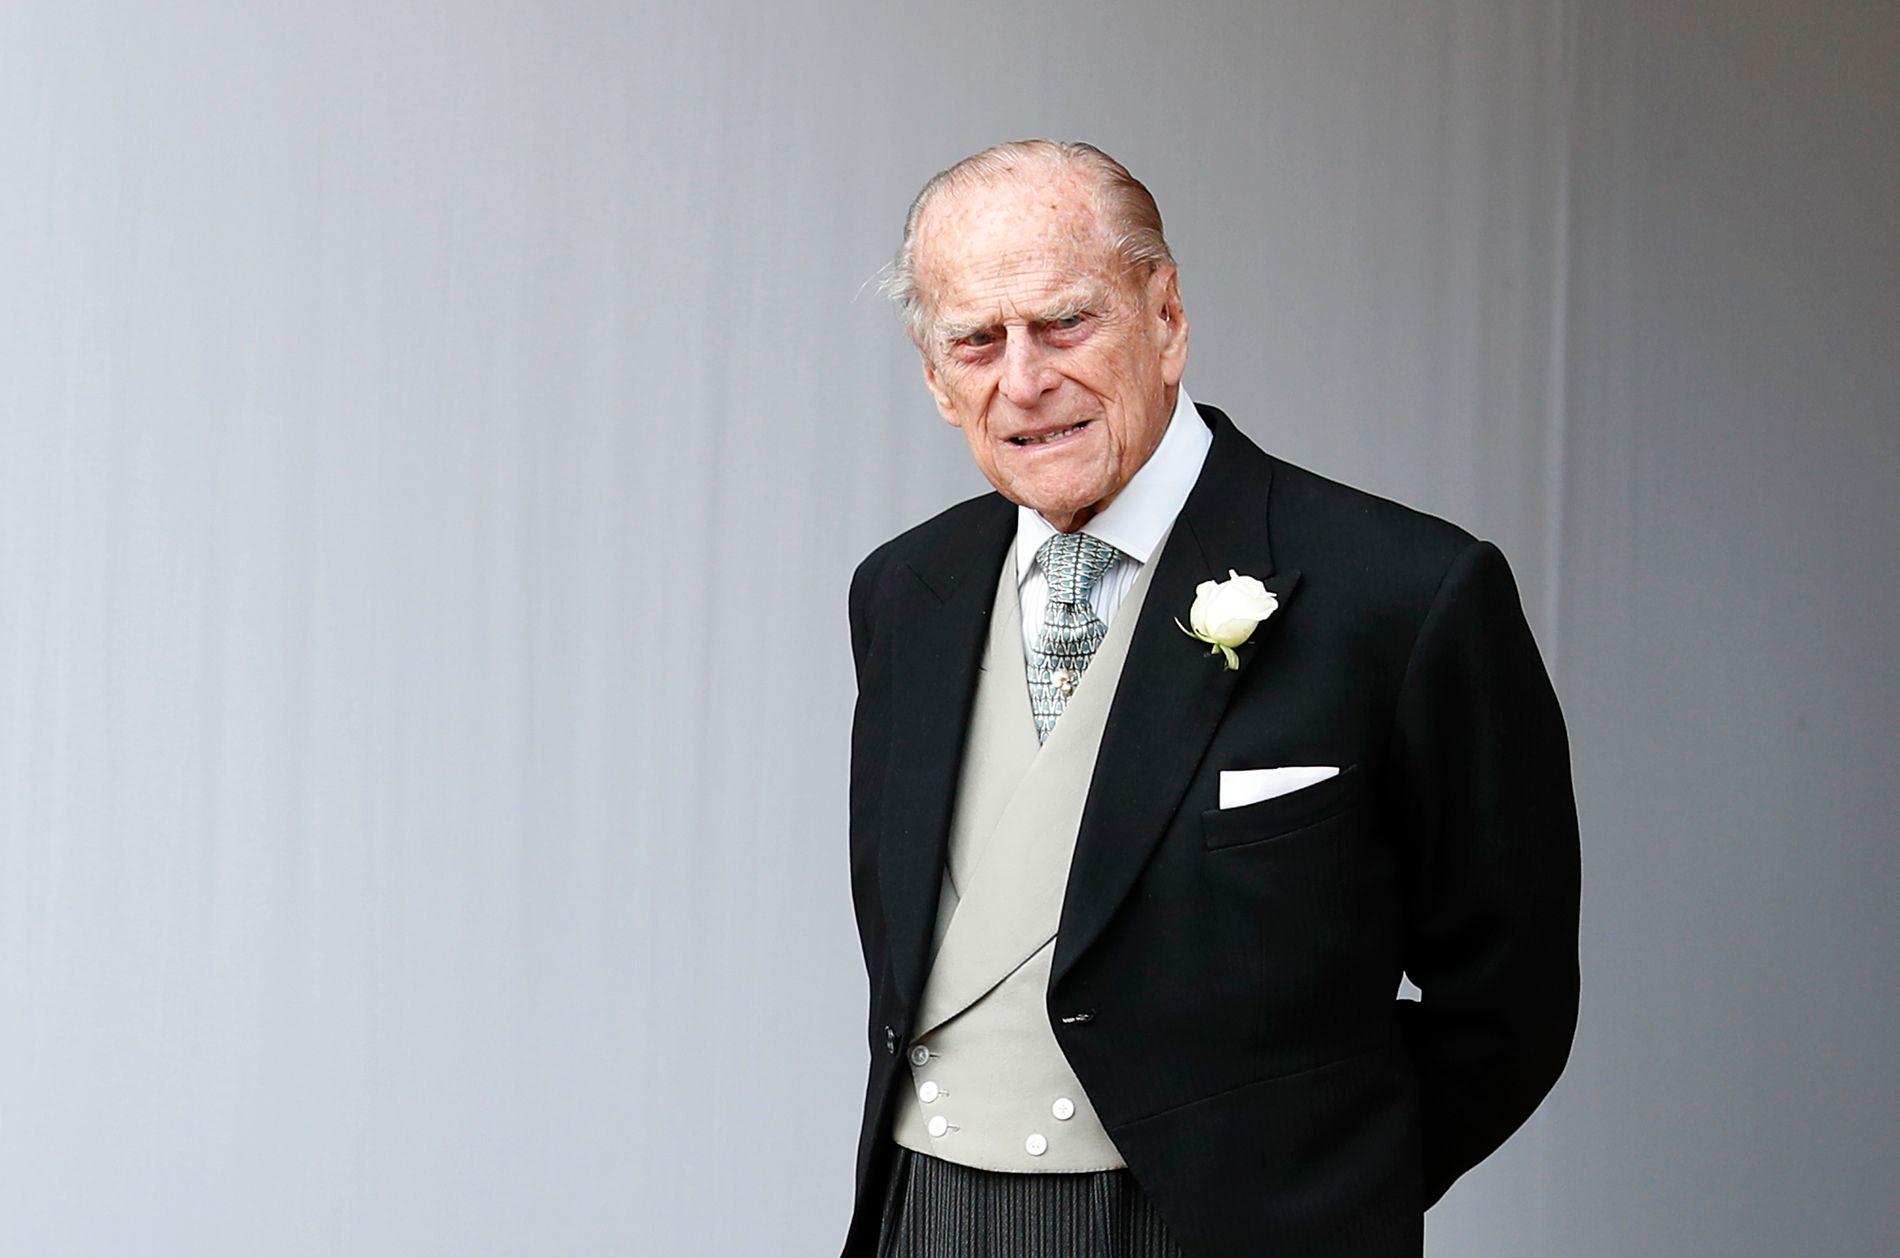 PRINS: Prins Philip har rukket å bli hele 97 år gammel. Her fra et bryllup i fjor.